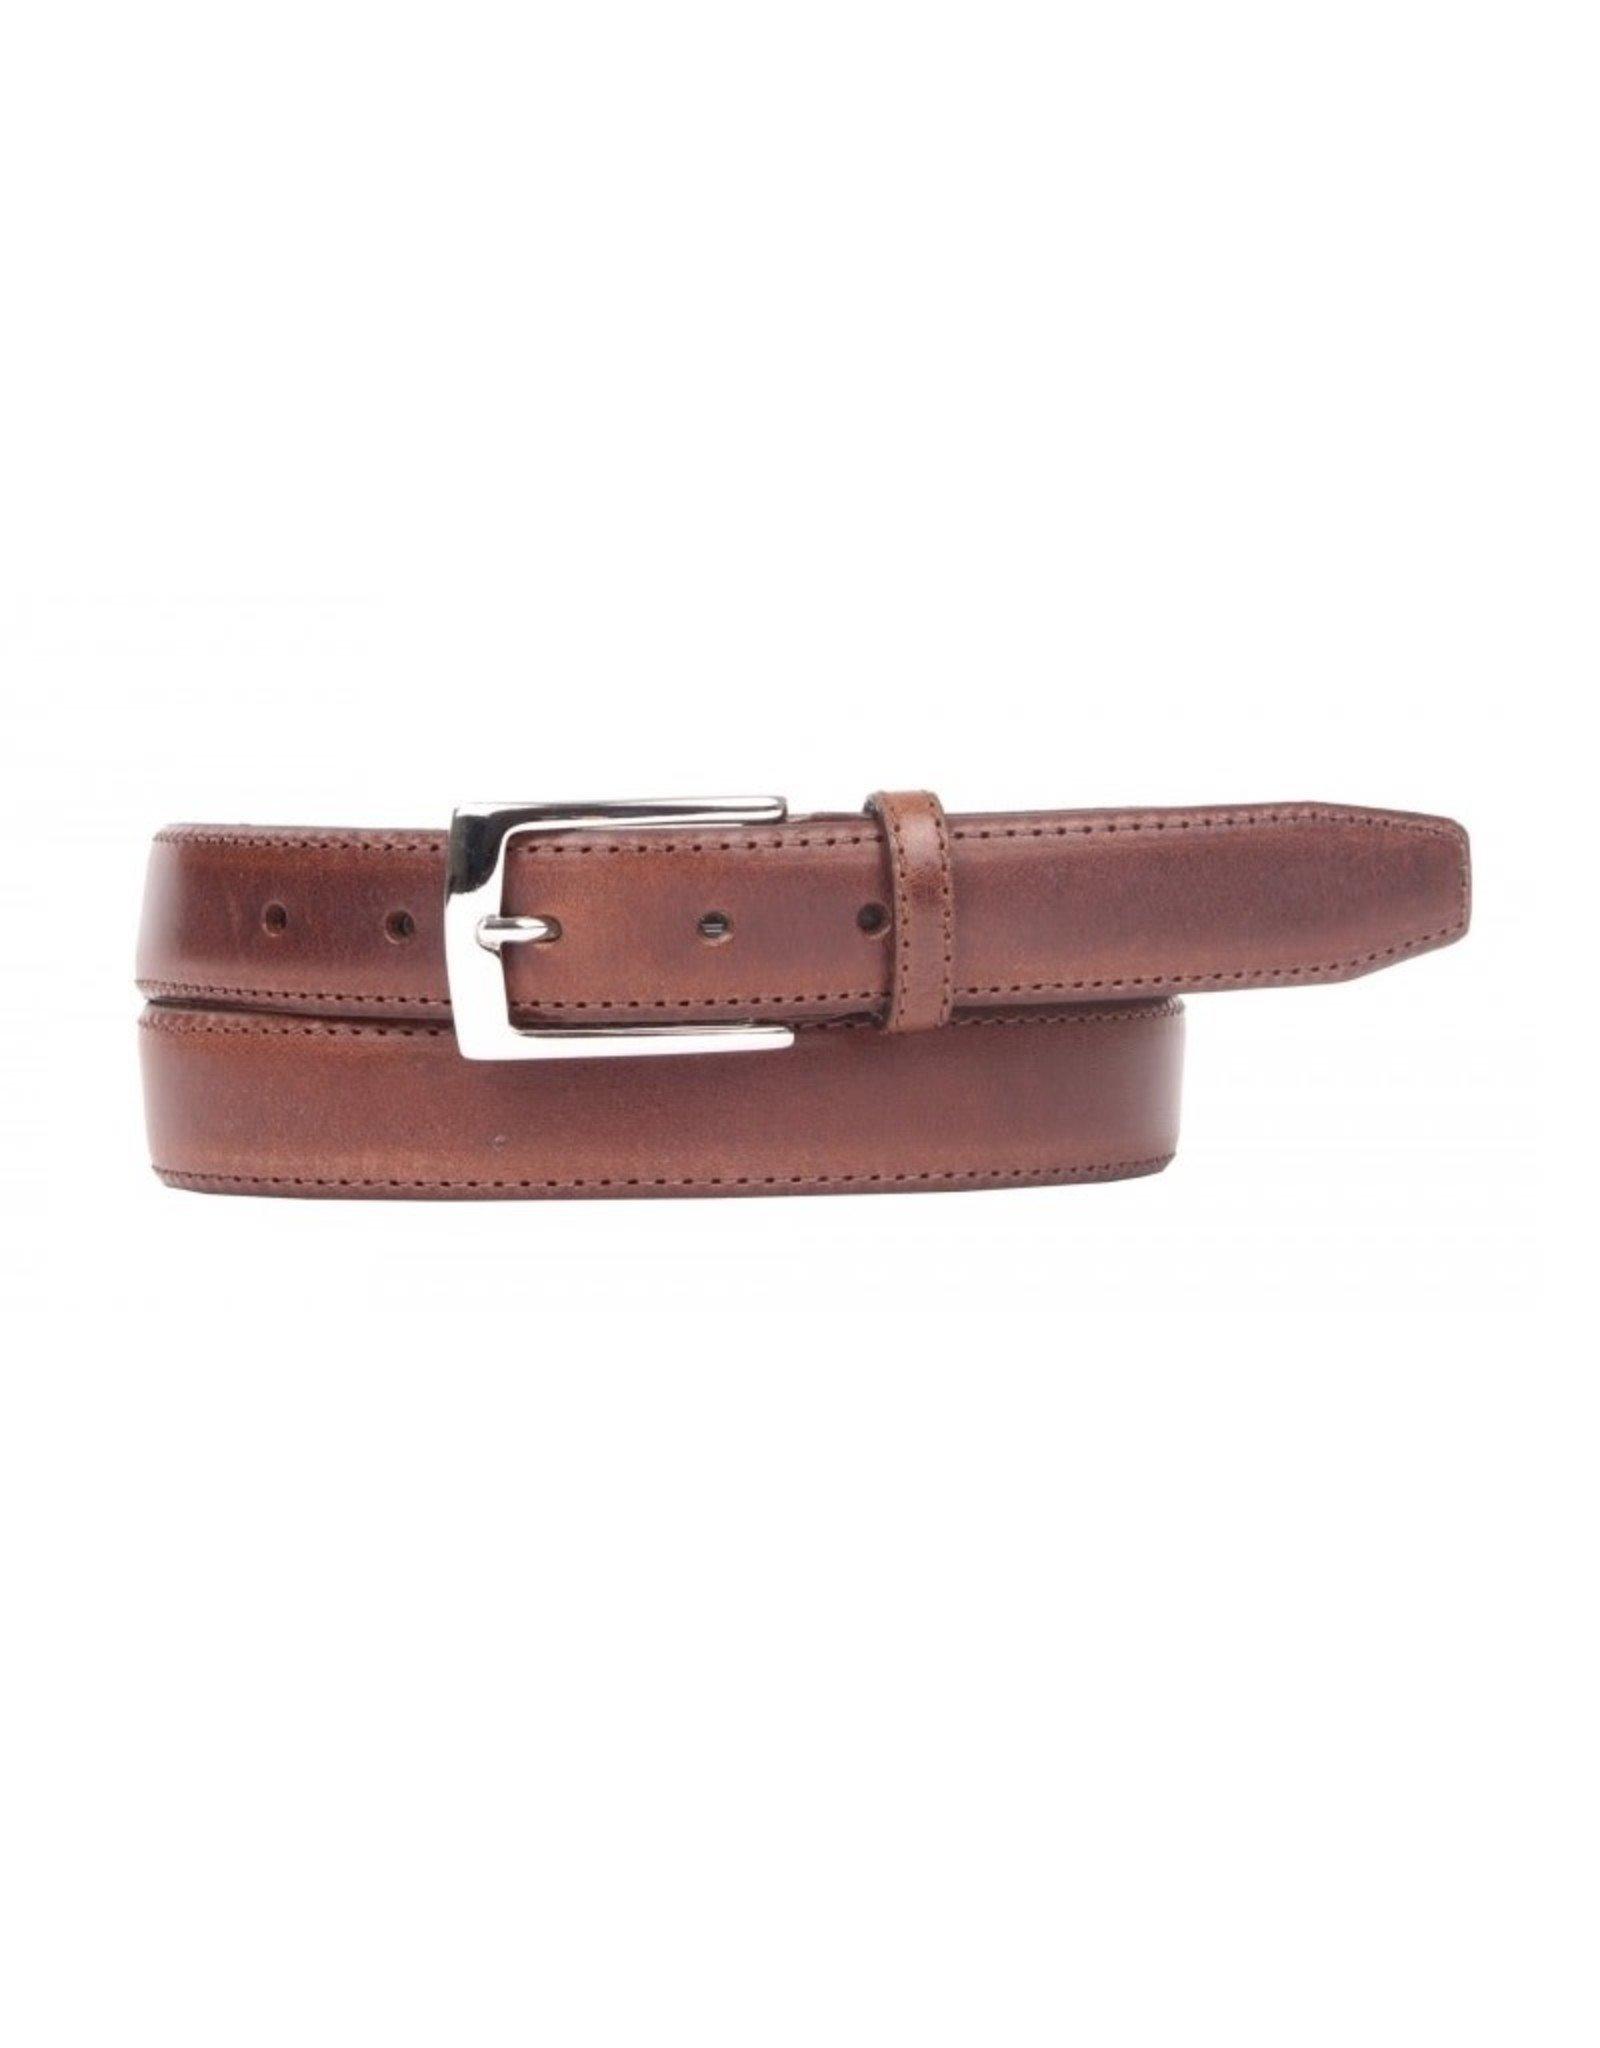 Legend Legend belt  Brown 30347